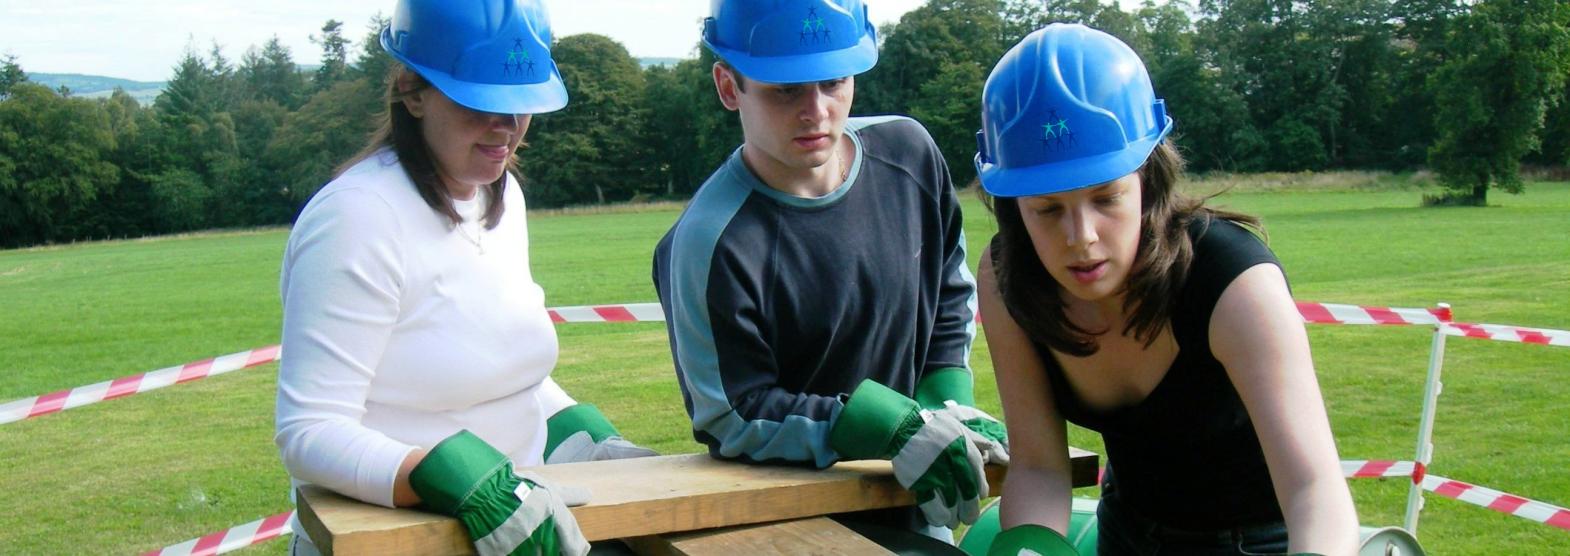 Corporate Team Building Events Activities Team Challenge